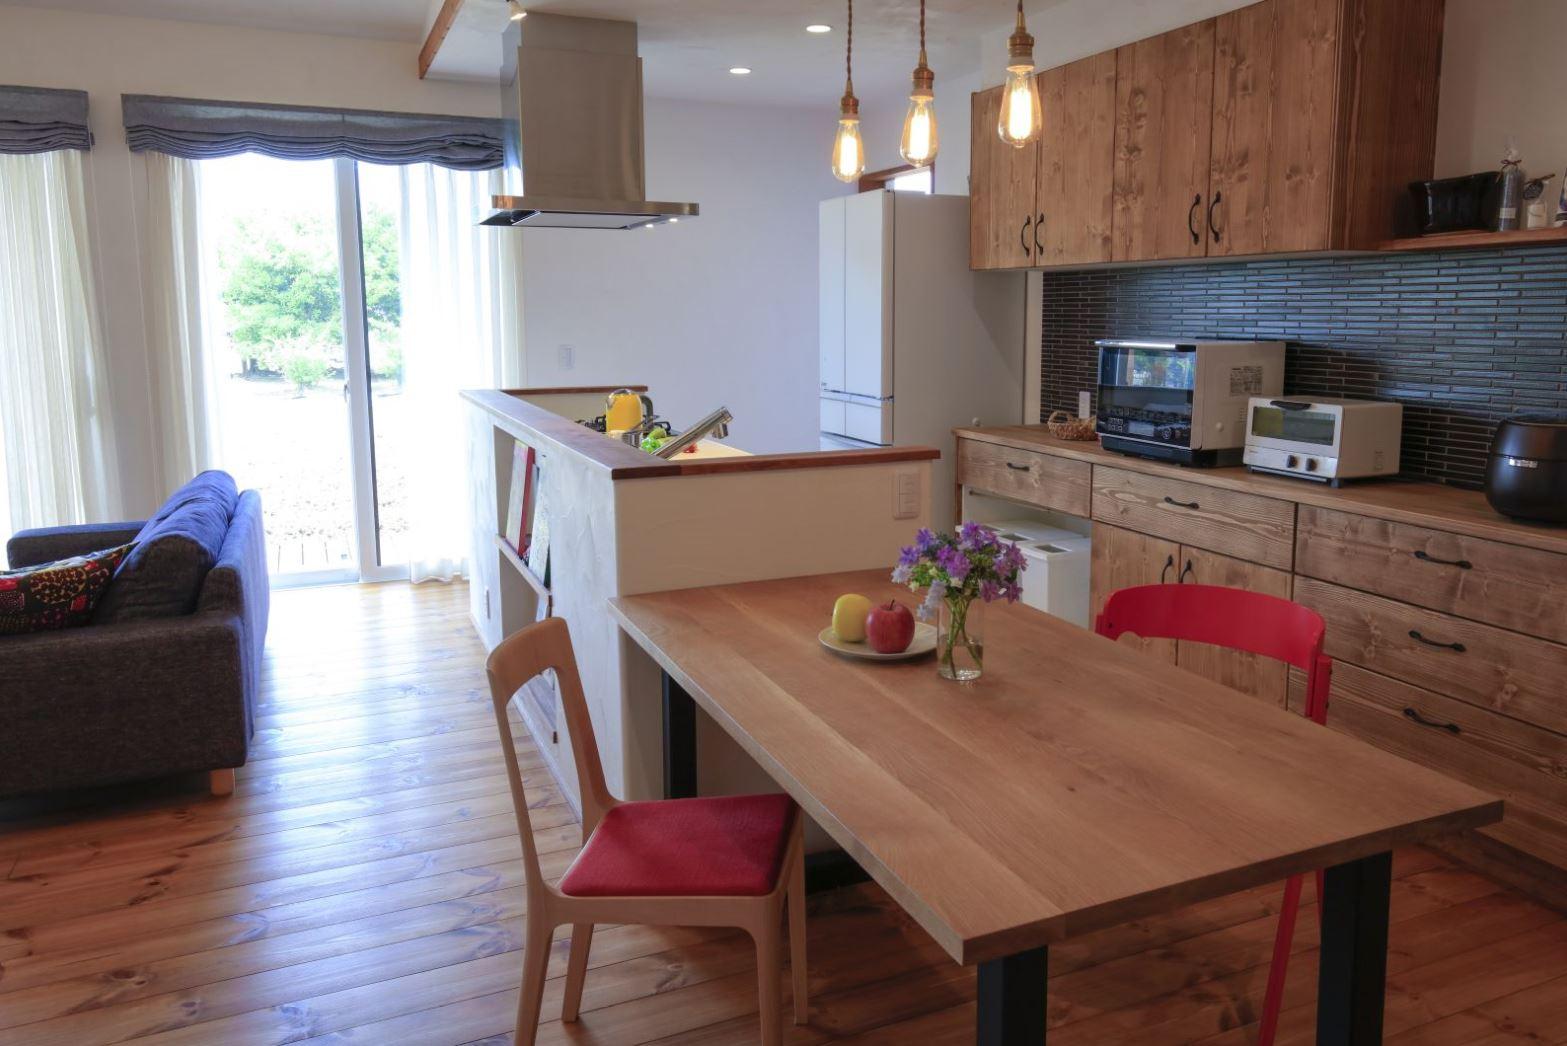 アイジースタイルハウス【自然素材、間取り、平屋】キッチンとダイニングテーブルを横一列にレイアウトしたことで家事効率も大幅にUP。ご主人も使いやすいよう、カップボードはすべて引き出しタイプに。シックなボーダータイルもお気に入り